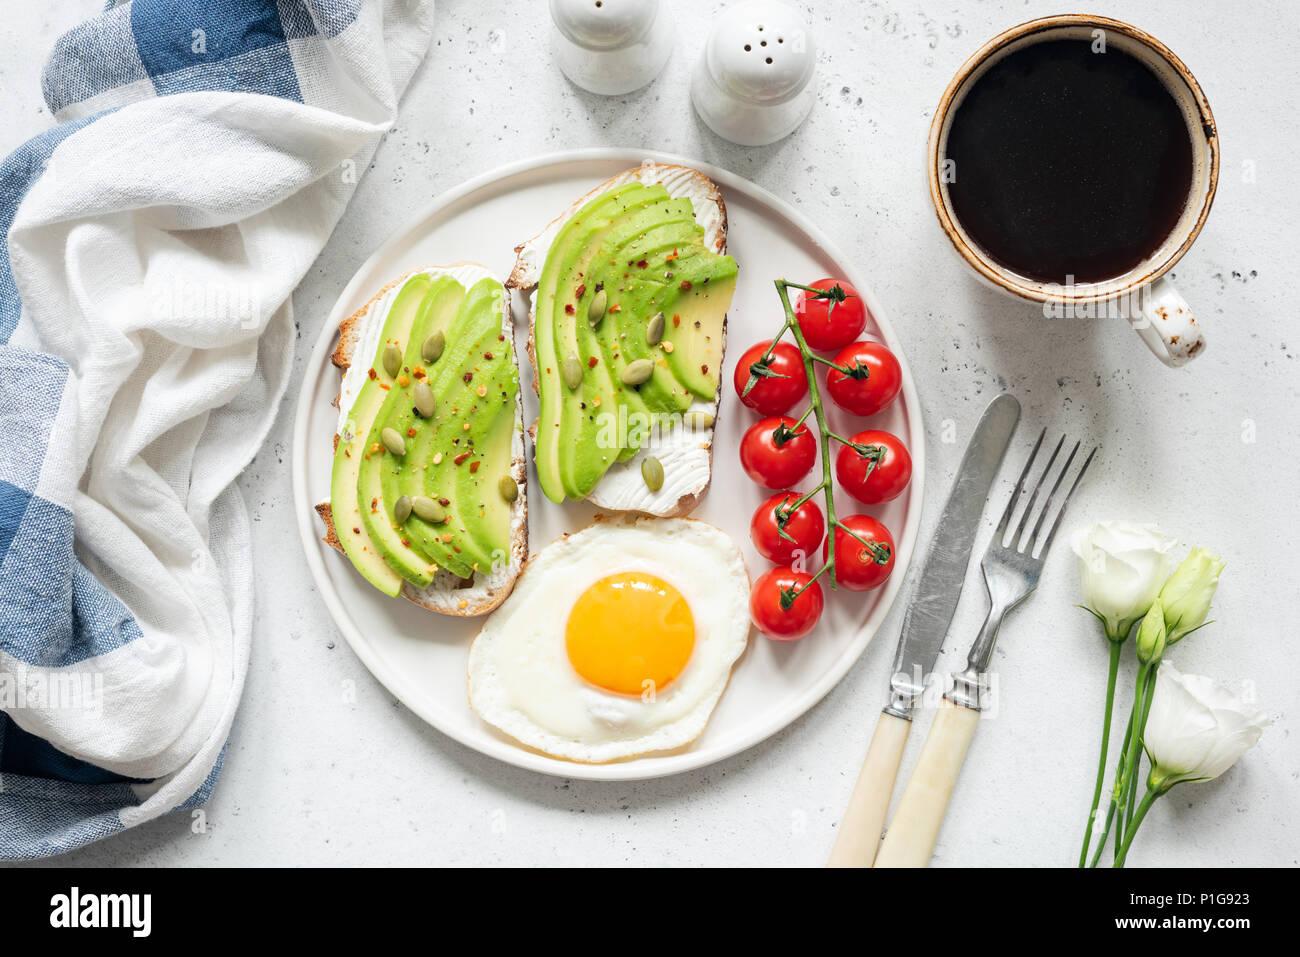 Desayuno tostadas de aguacate con huevo frito, tomates cherry, taza de café y flores blancas. El desayuno en la cama. Estilo de vida saludable, comer sano concepto Imagen De Stock